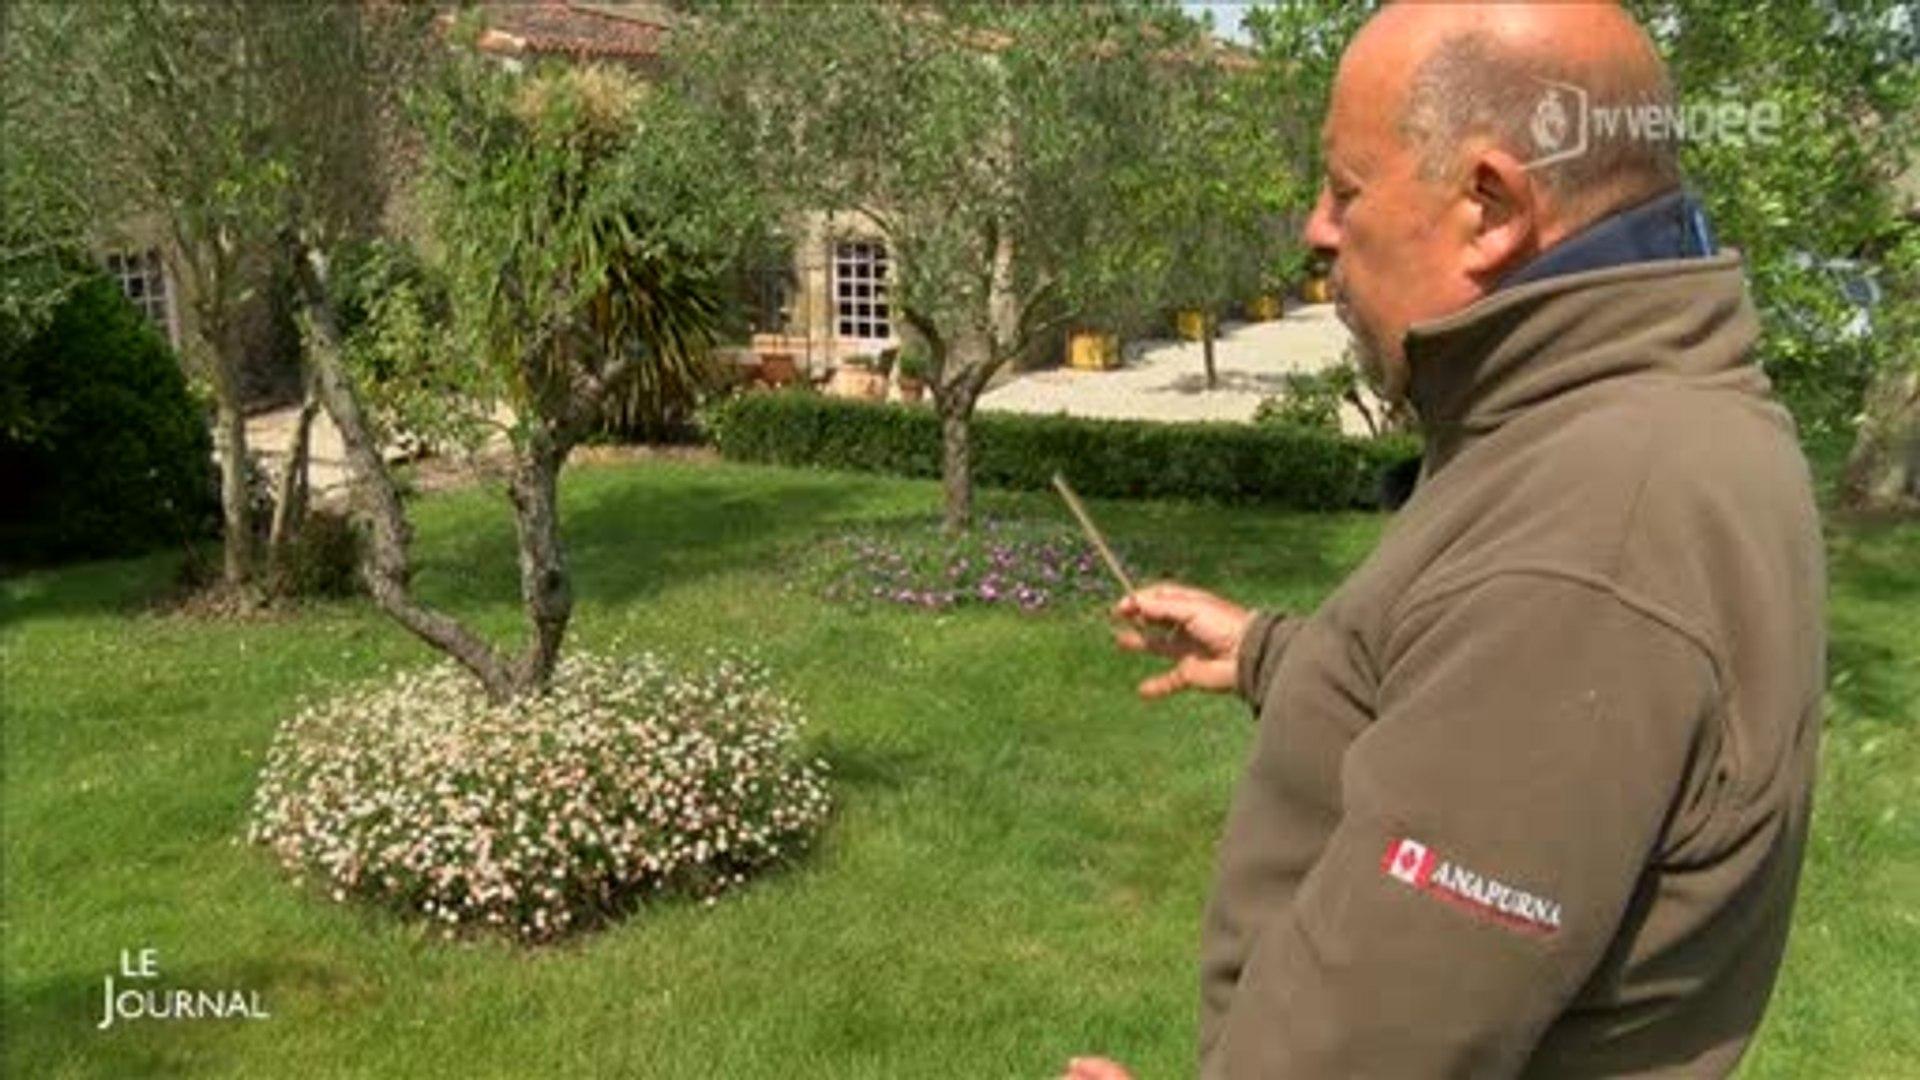 Les Jardins De La Robinière jardin : visite du logis de la robinière (vendée)